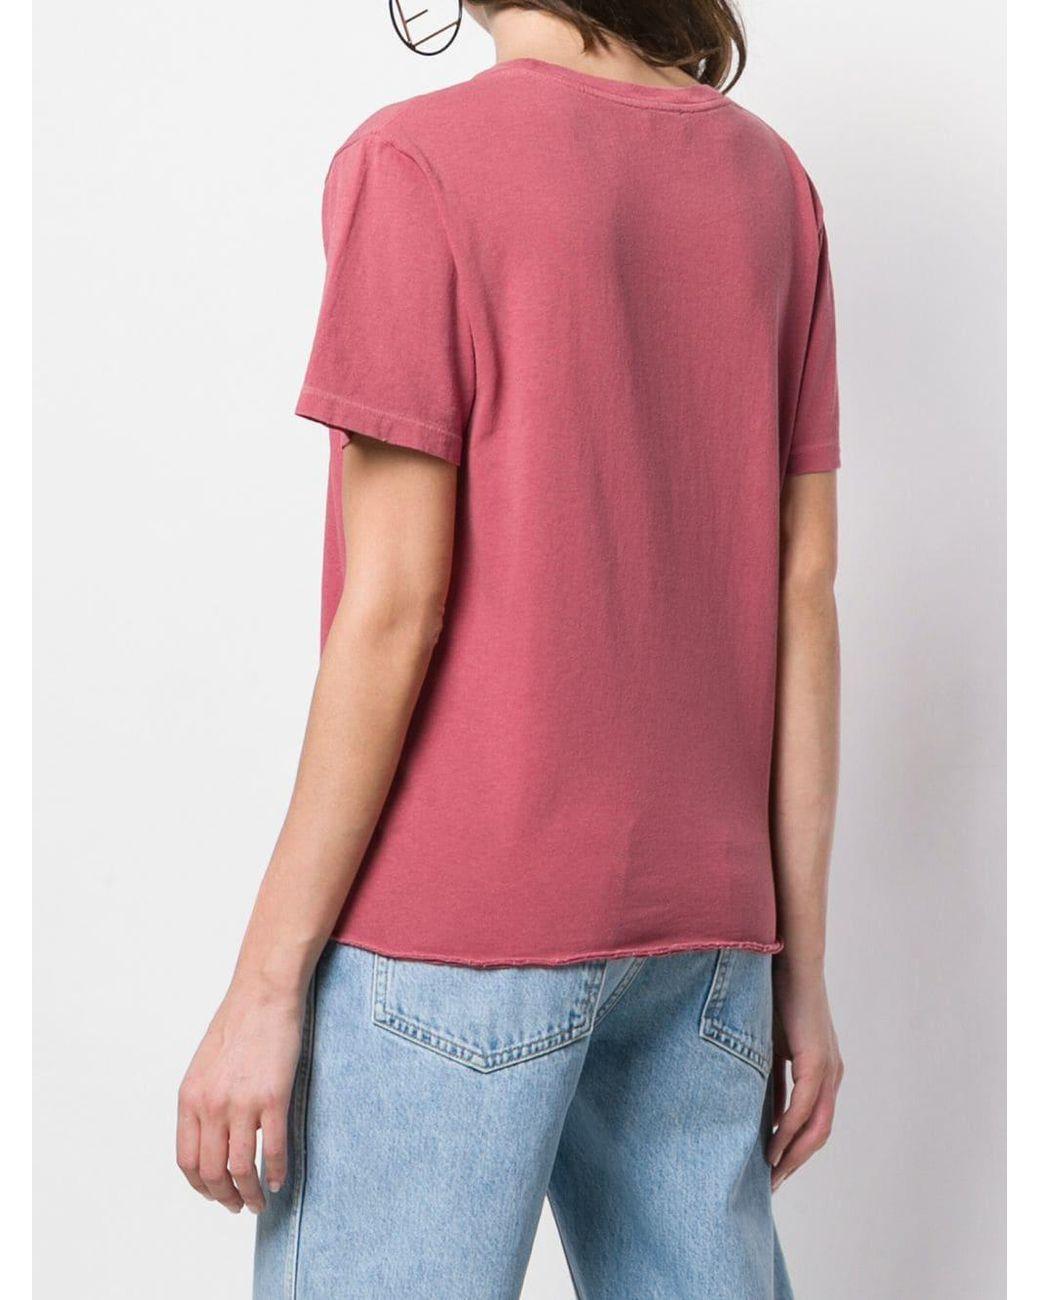 Love Moschino brodé Rose Logo T-shirt noir rare